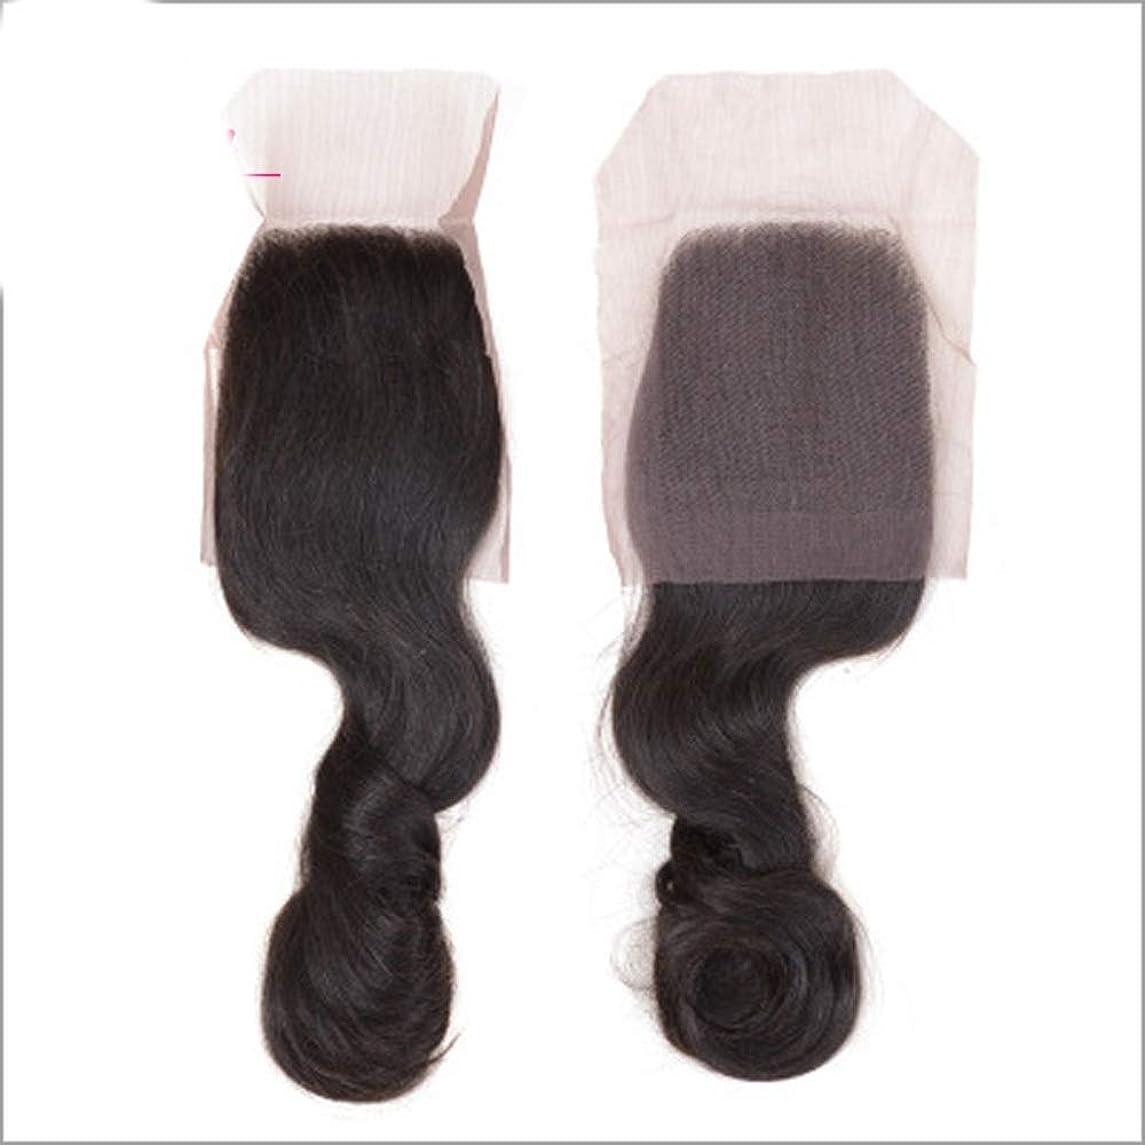 限りなく絶えず比喩YESONEEP 巻き毛の束と閉鎖レース前頭4x4ブラジルルースウェーブ髪100%人毛織りエクステンションナチュラルブラックコンポジットヘアレースかつらロールプレイングかつら (色 : 黒, サイズ : 22 inch)